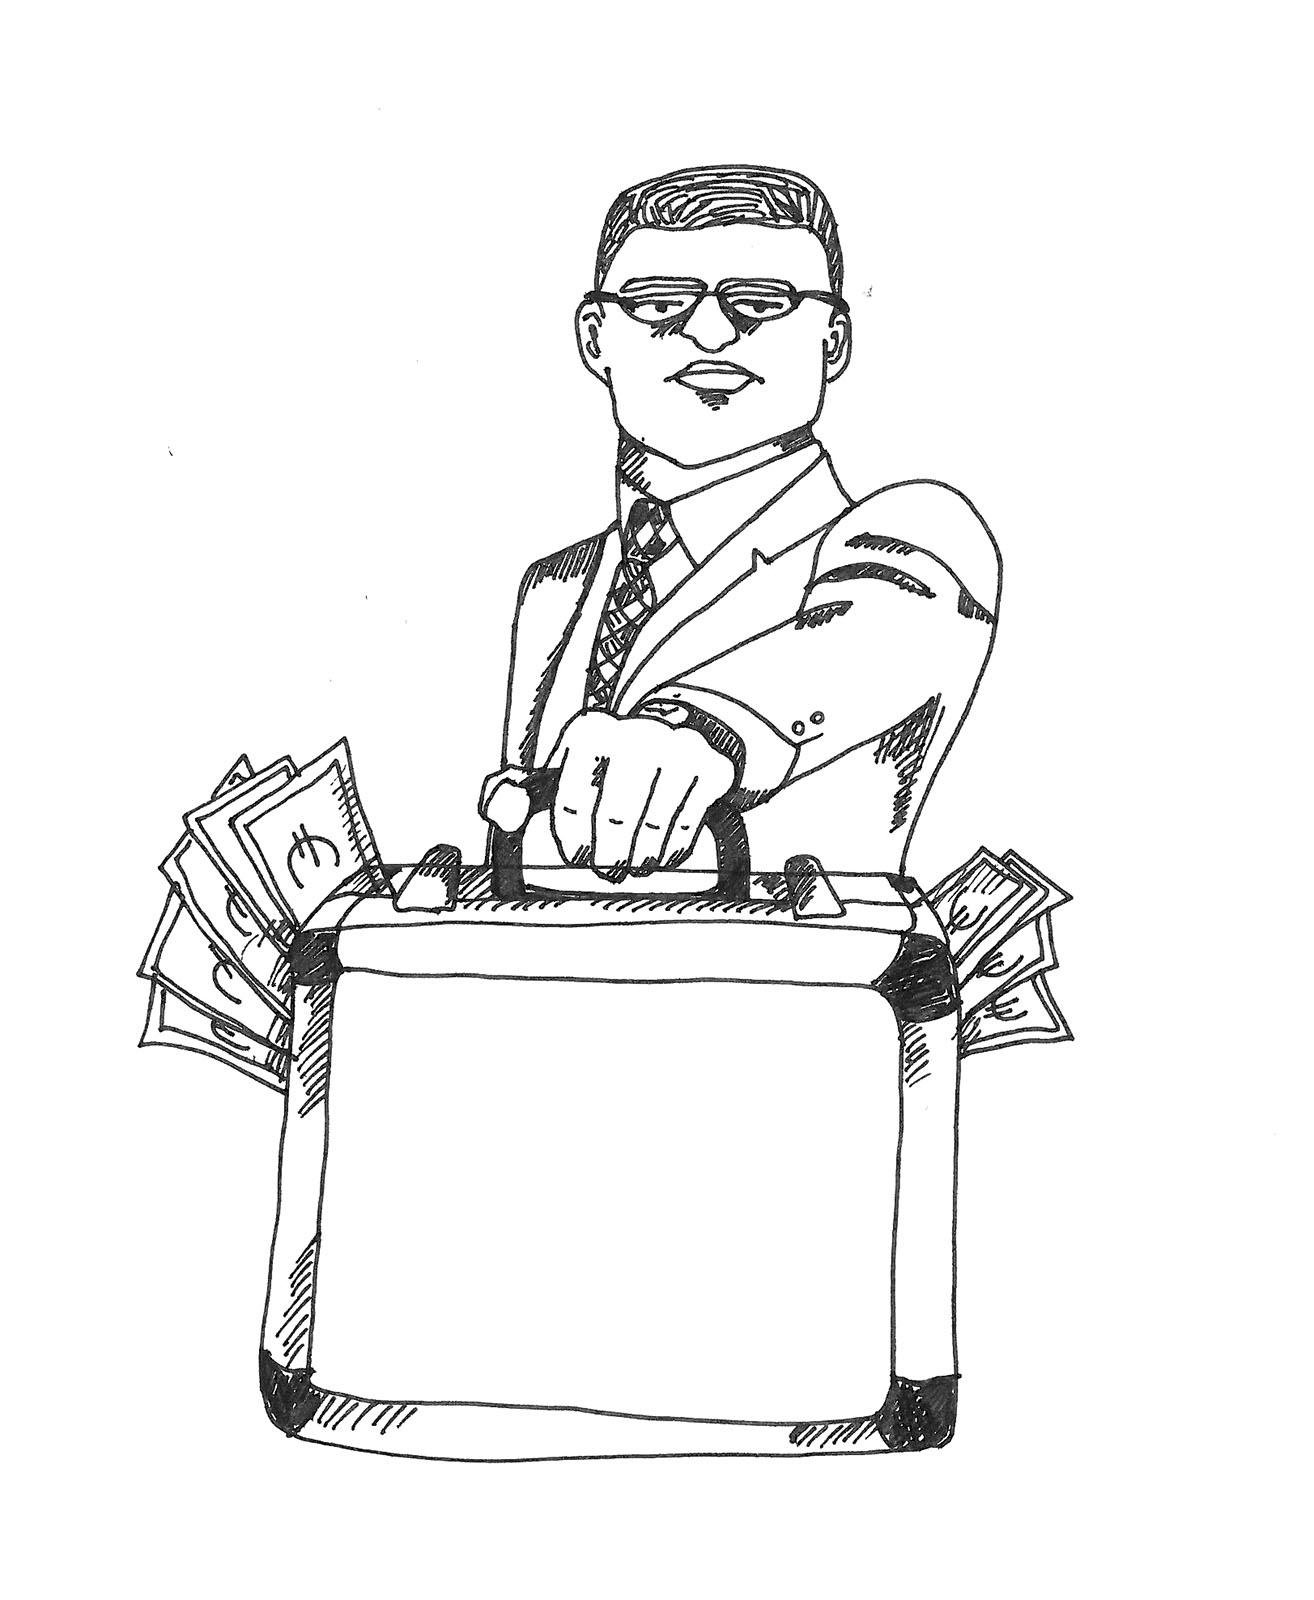 ahol pénzt kereshet átutalással hogyan lehet bitcoinokat vásárolni és tárolni